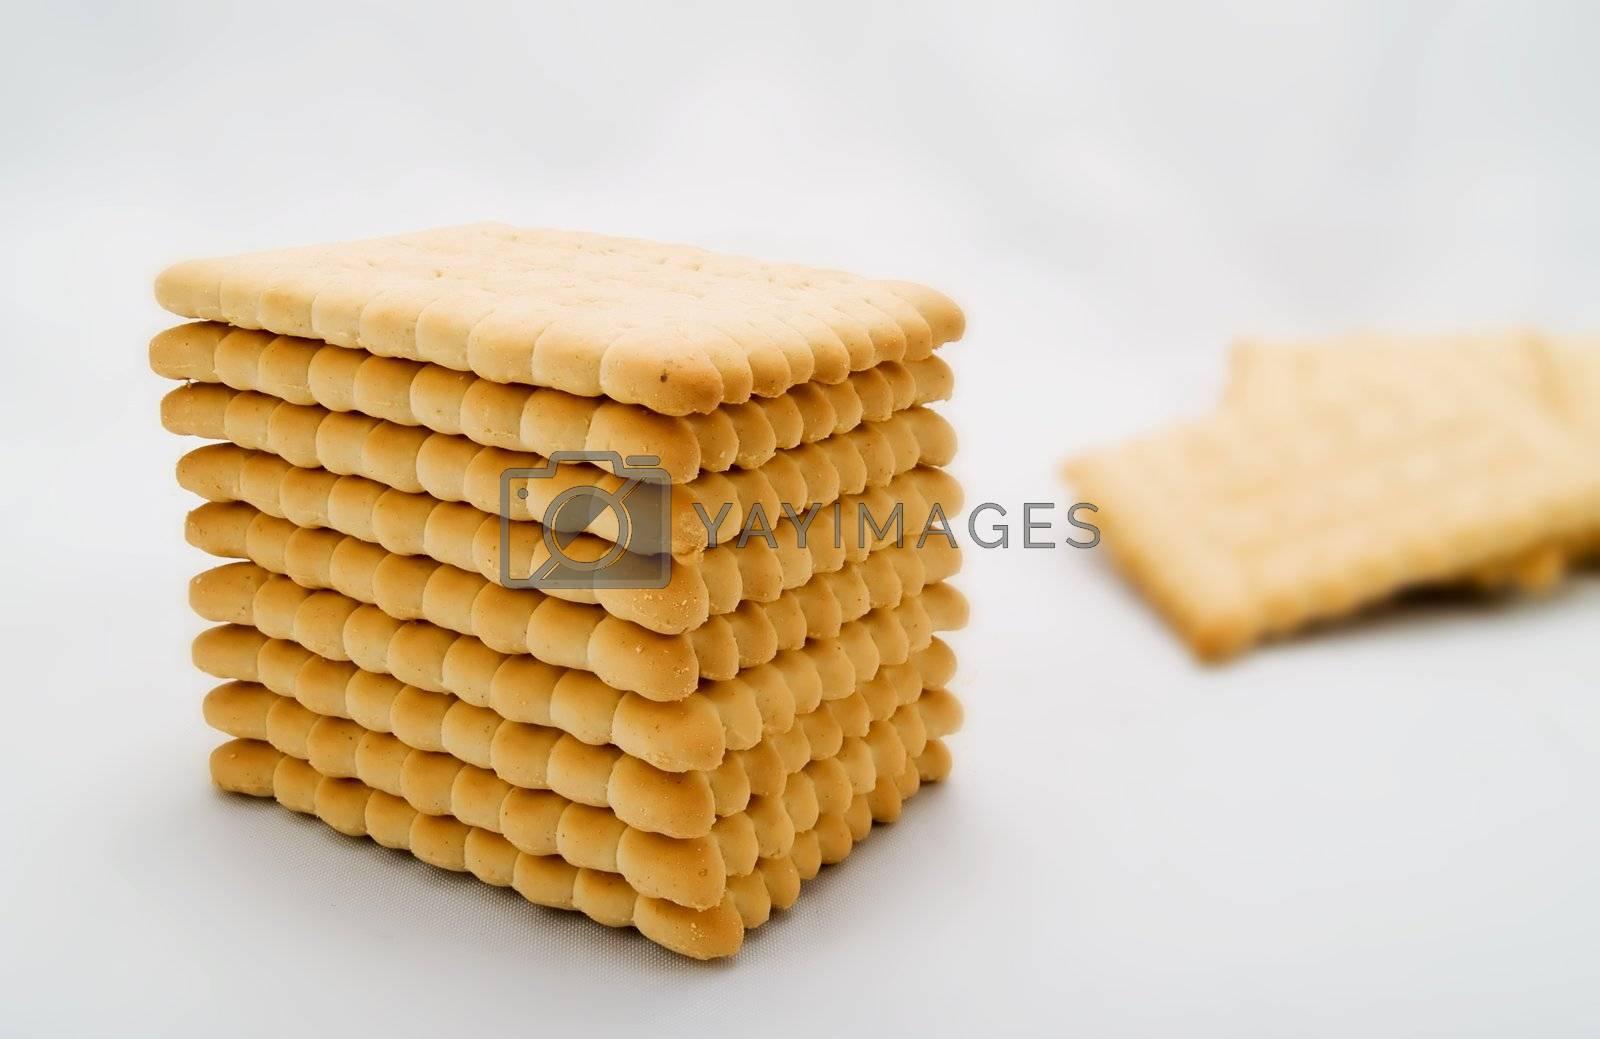 Biscuits by henrischmit